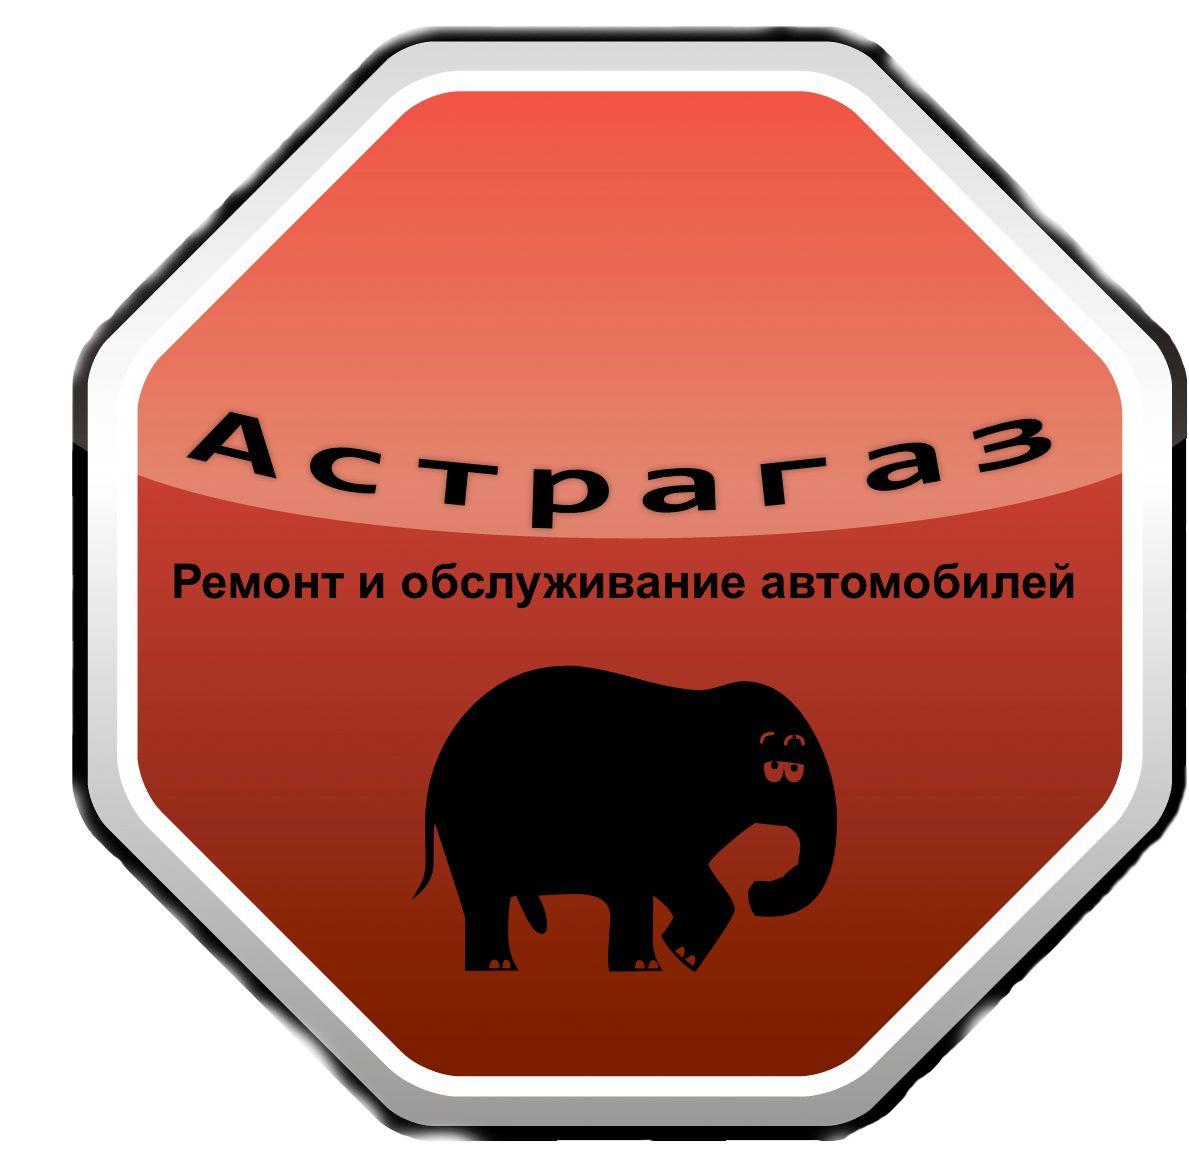 Лого и фирменный стиль для автосервиса - дизайнер Nina-Creative